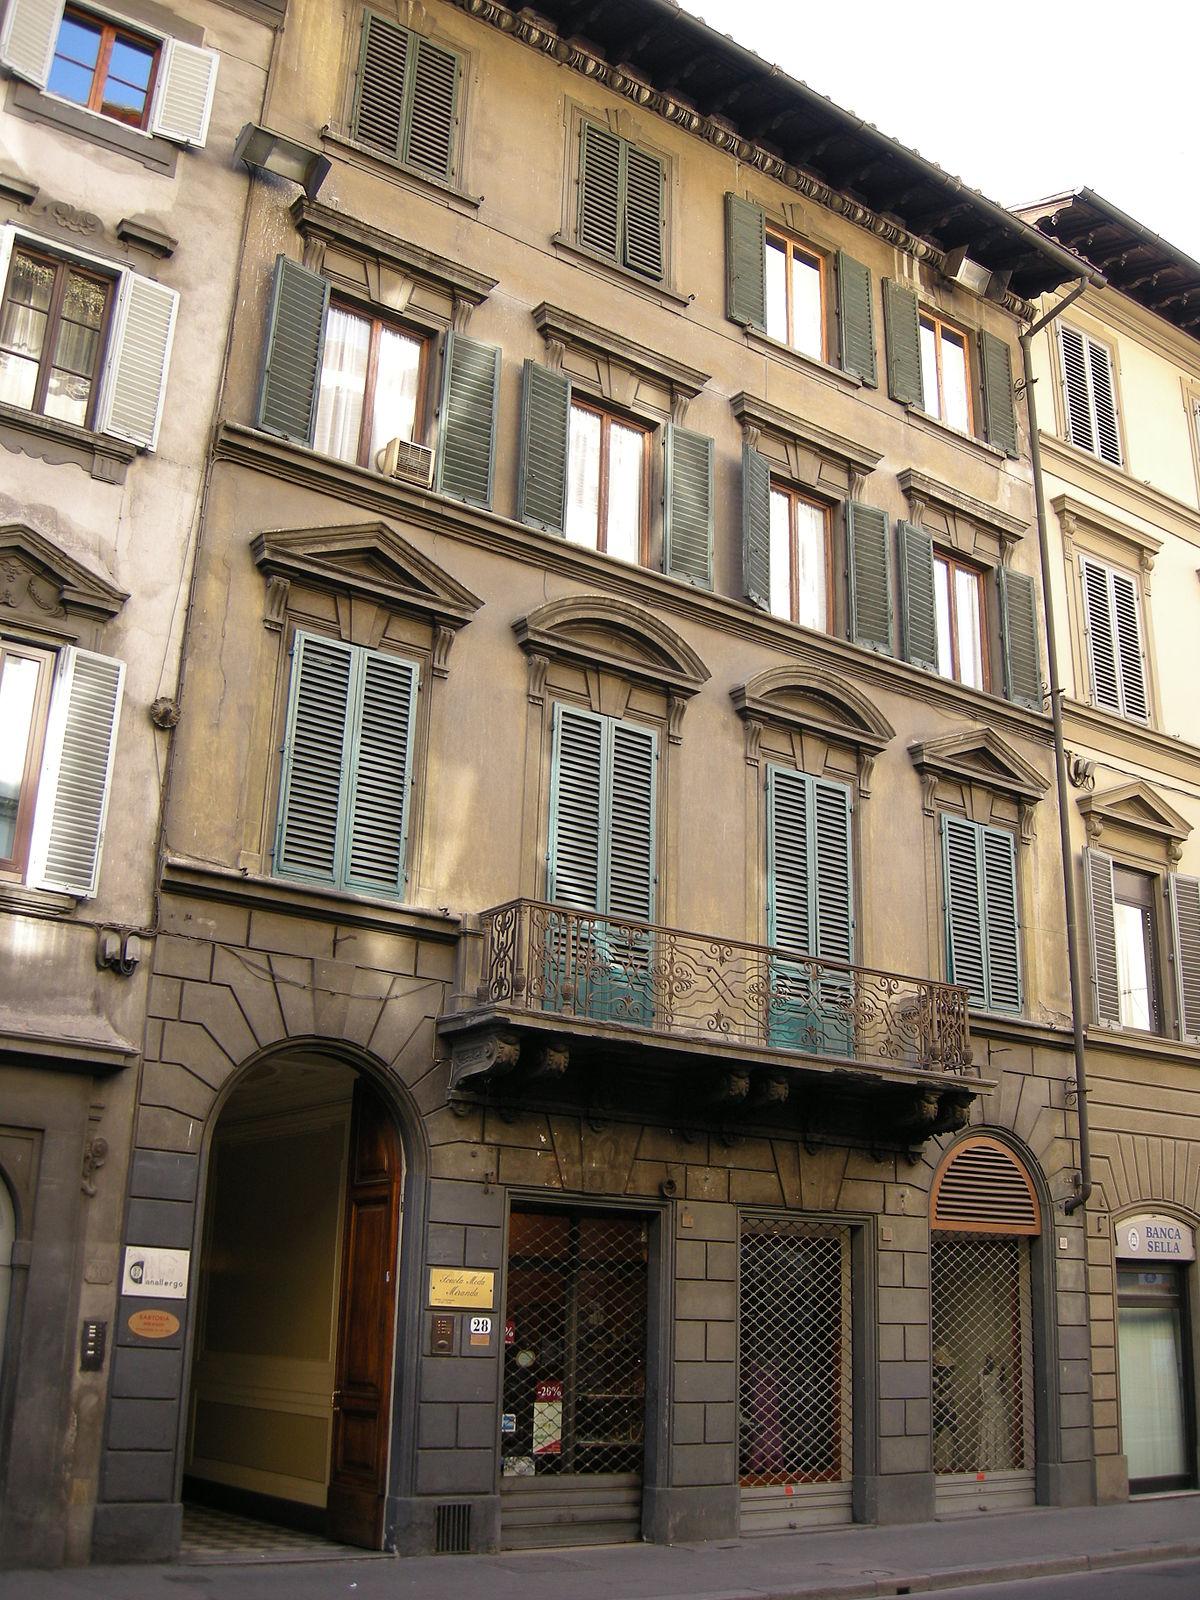 Casa di giovanni spadolini wikipedia for 2 piani di casa contemporanea di storia